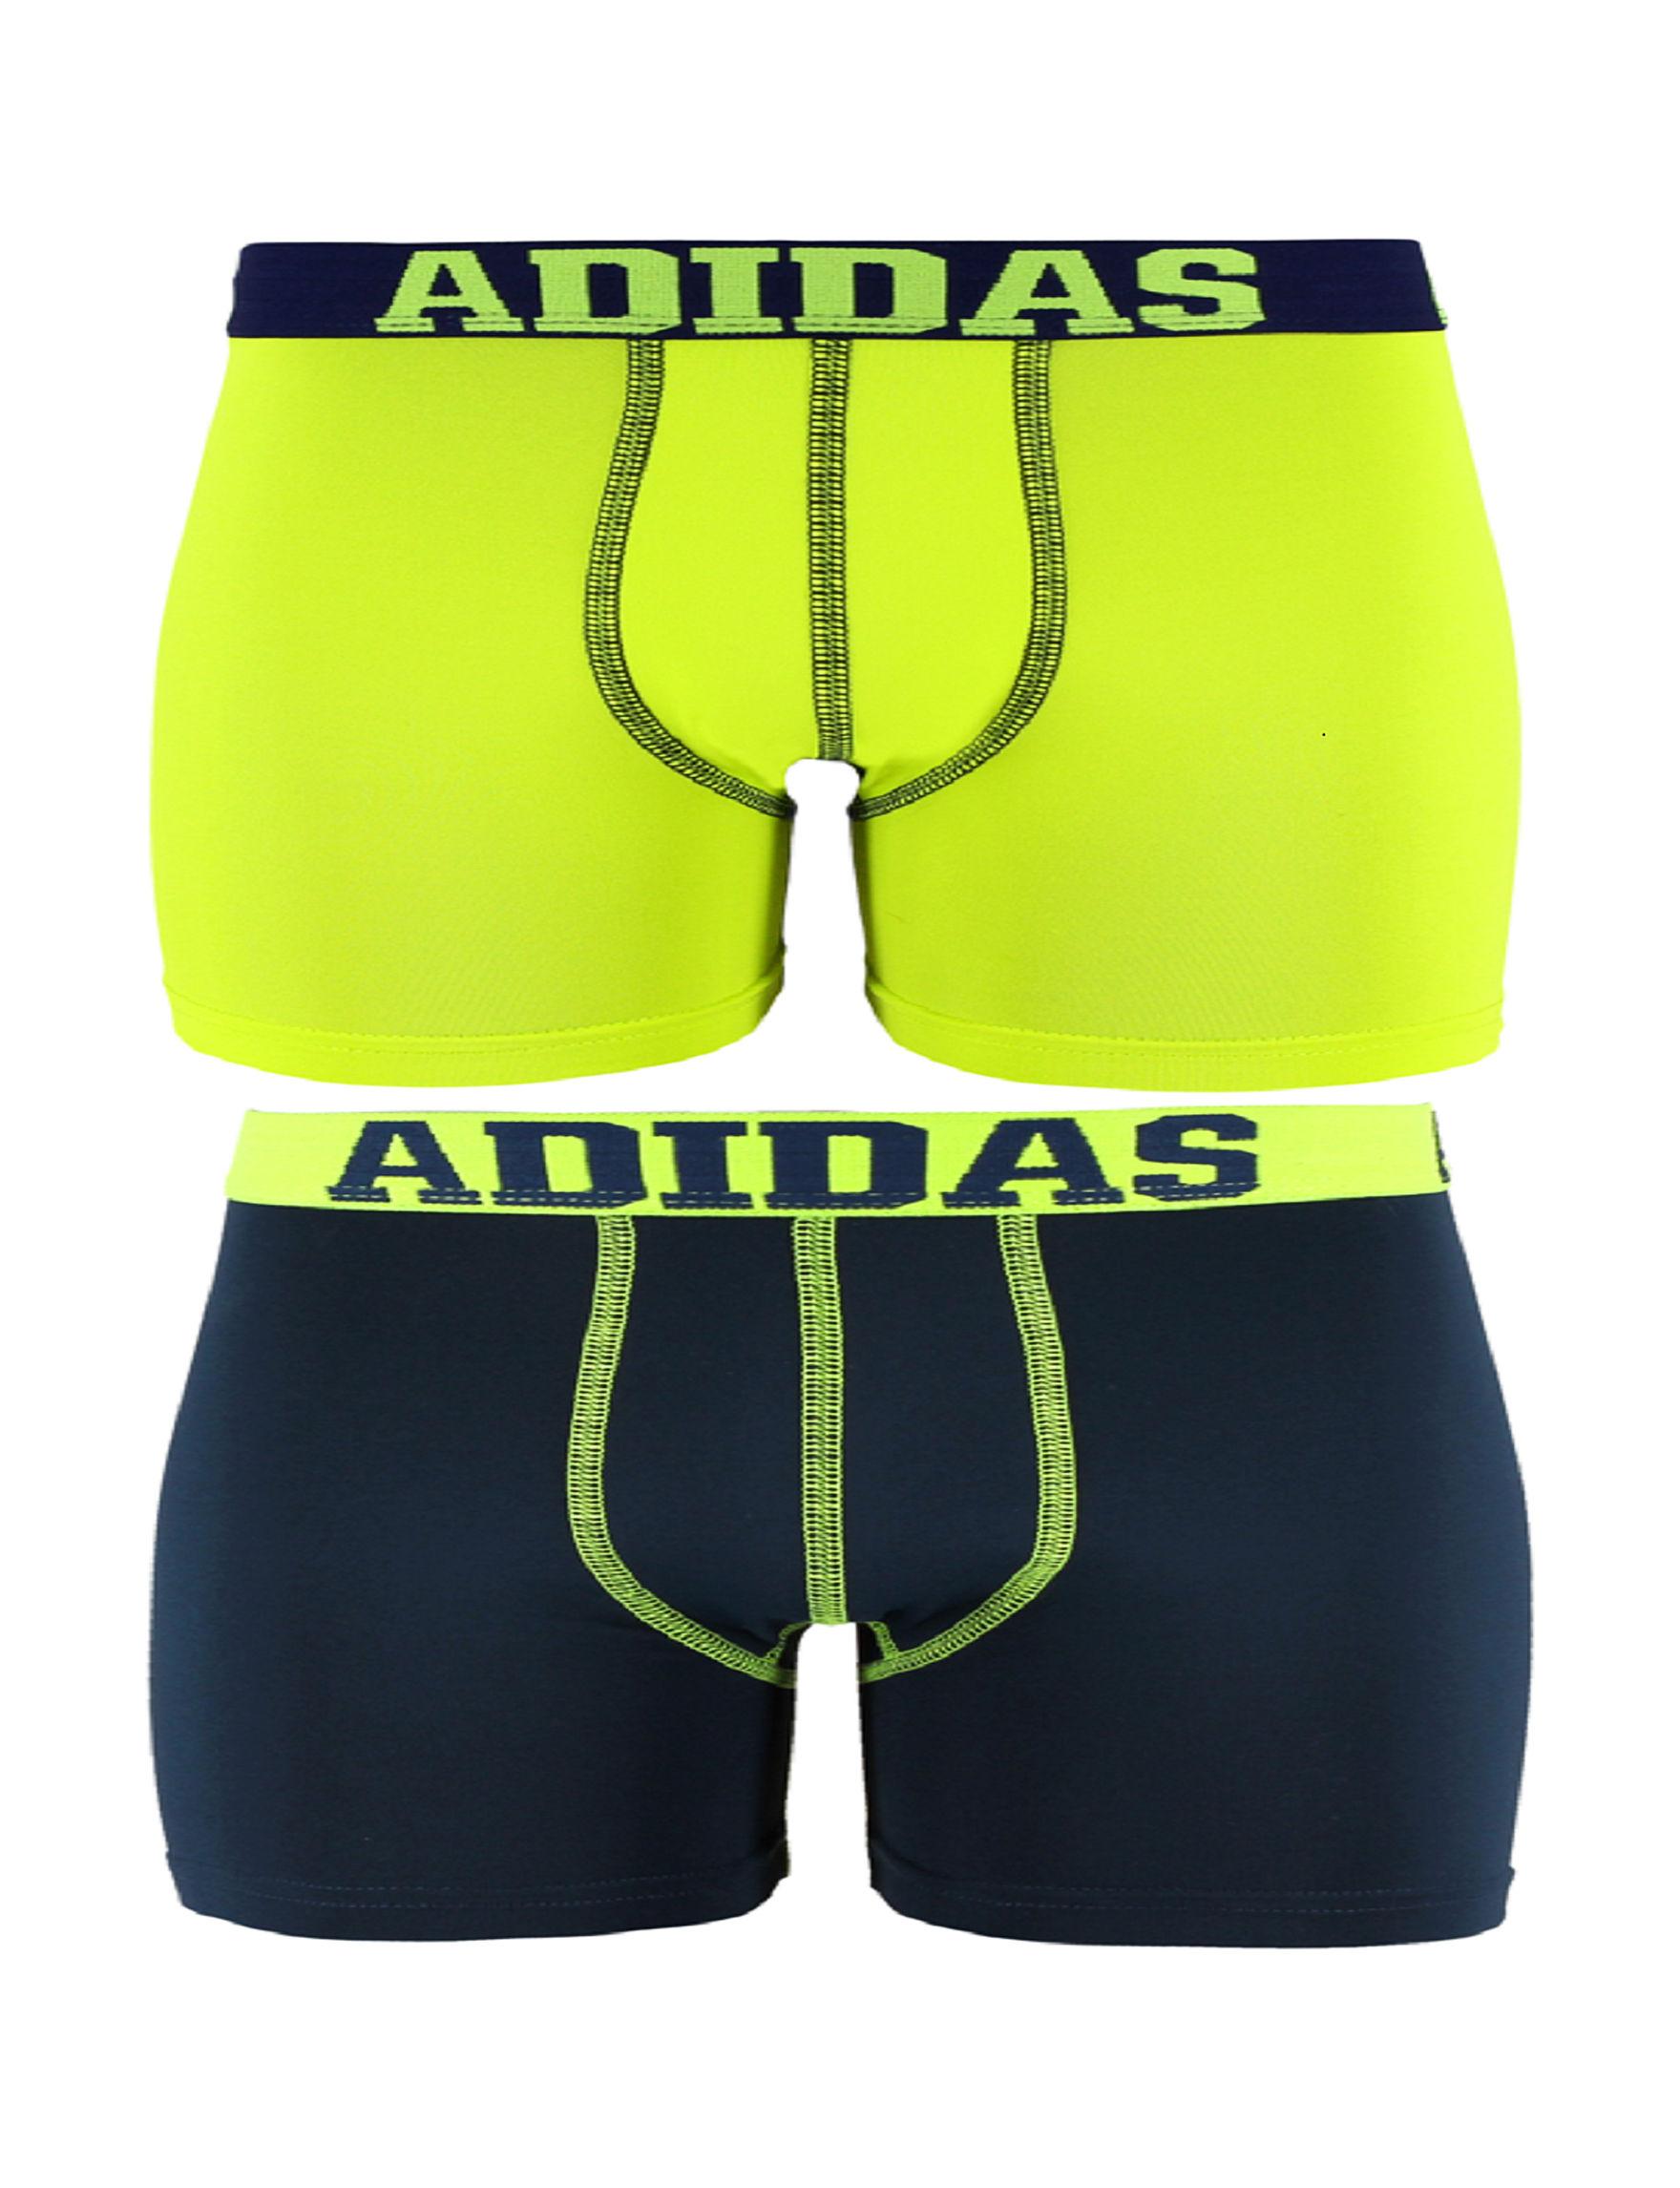 Adidas Green Boxer Briefs